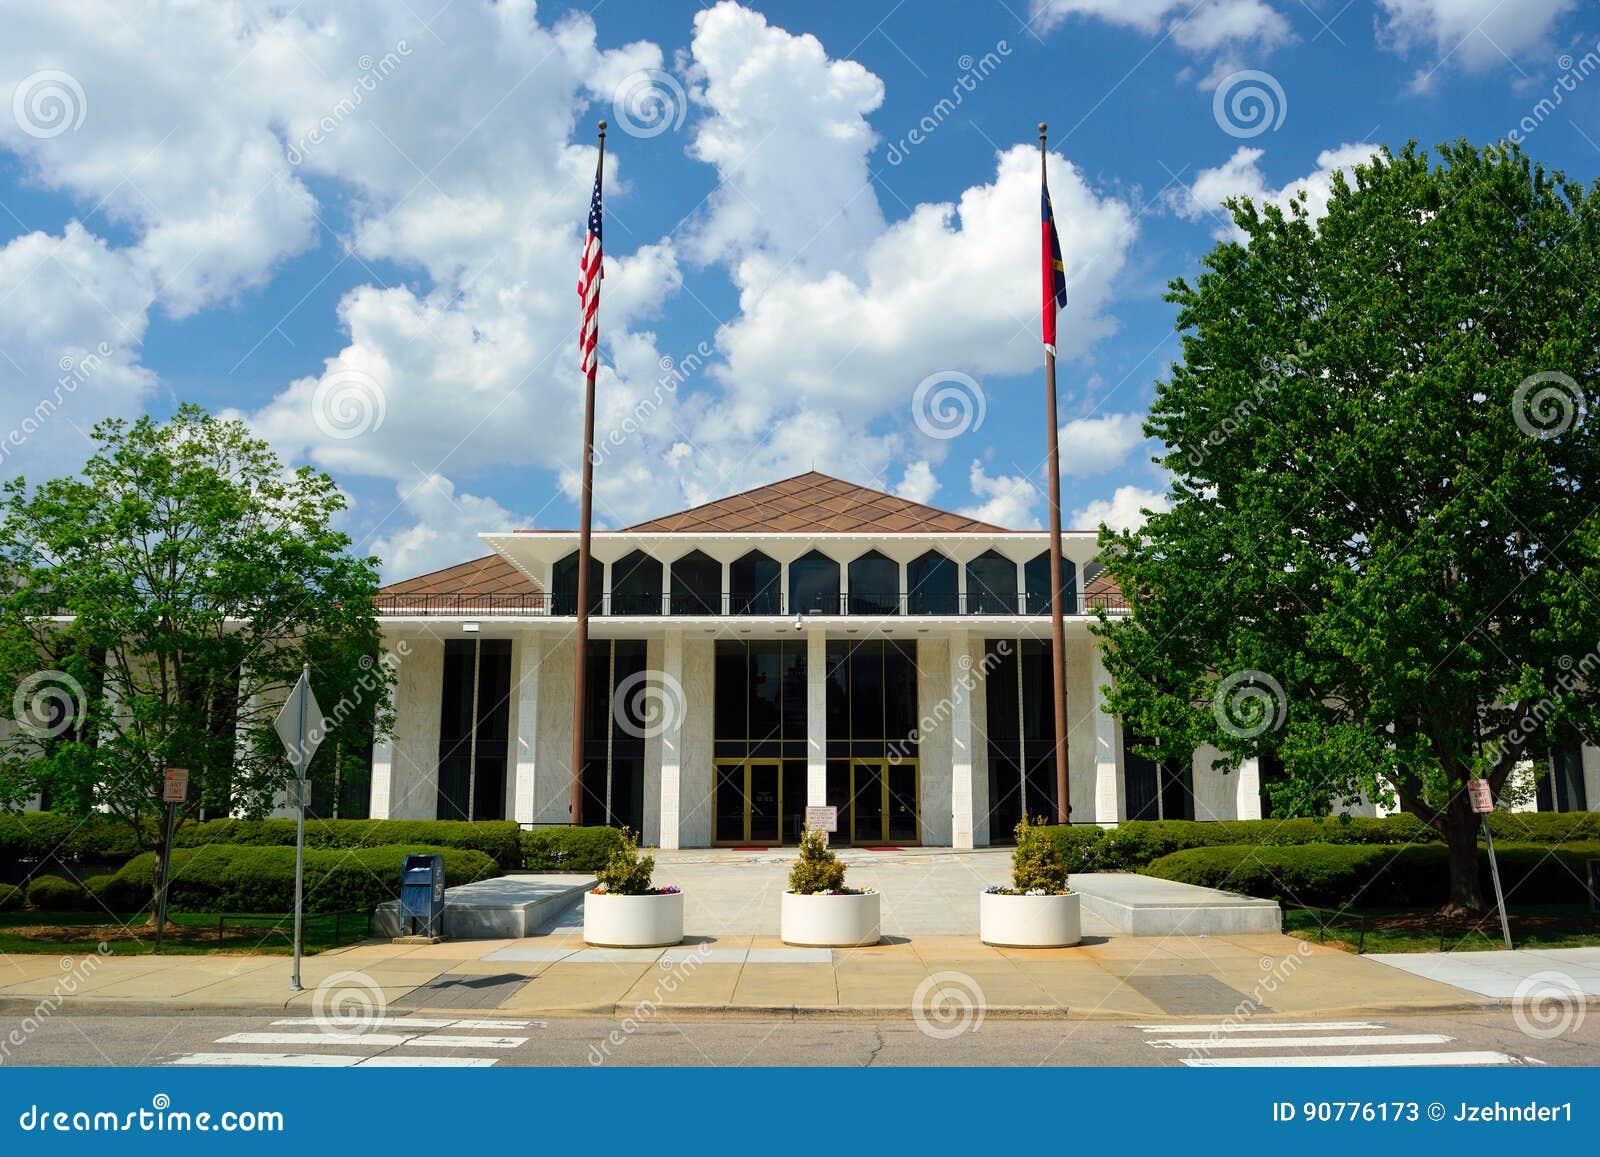 Здание положения Северной Каролины законодательное на солнечный день